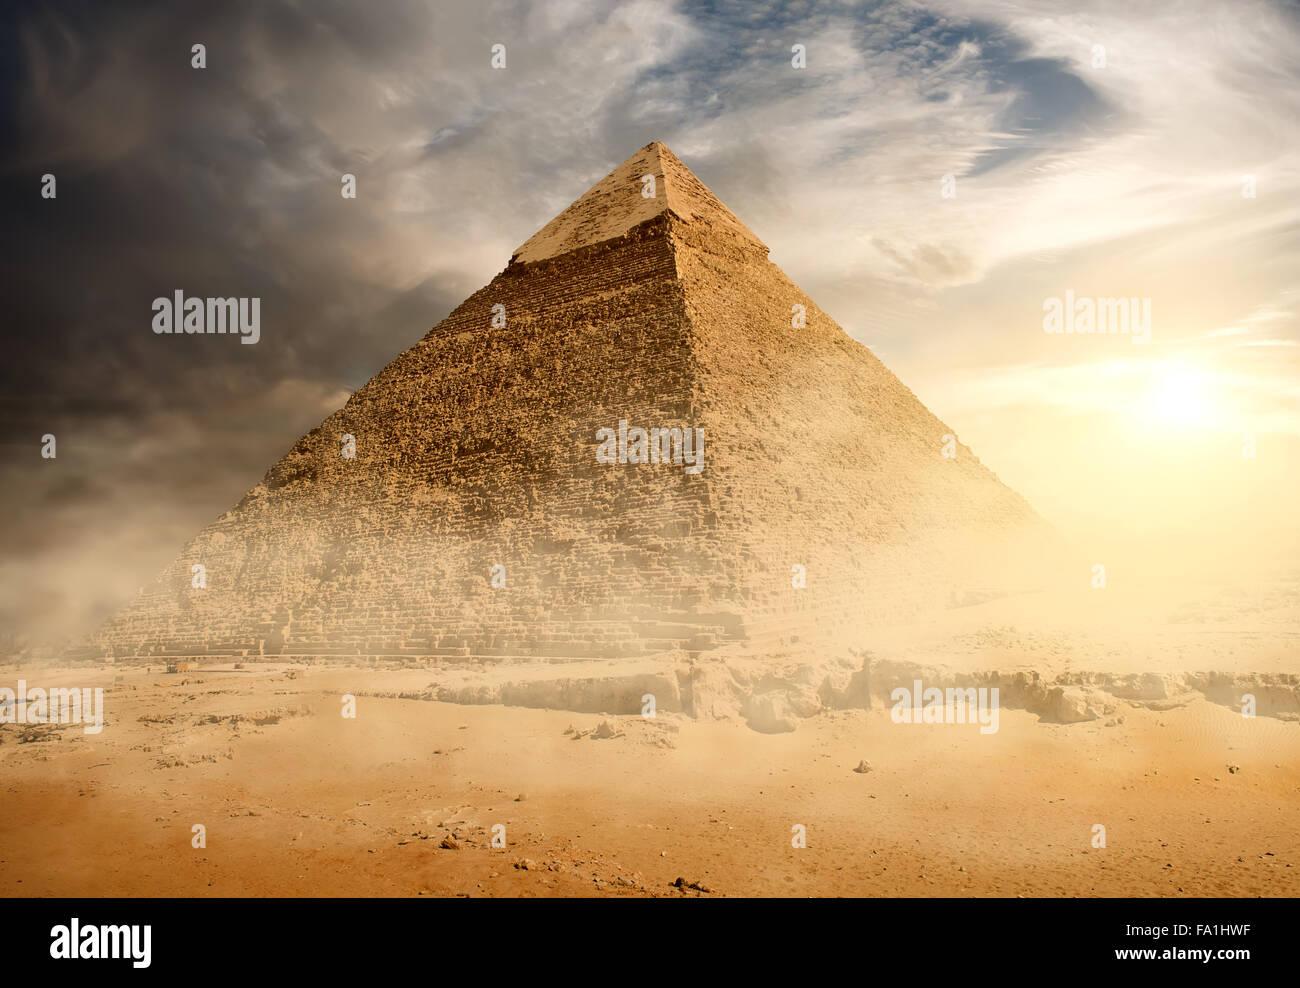 Pyramide dans la poussière de sable sous les nuages gris Photo Stock